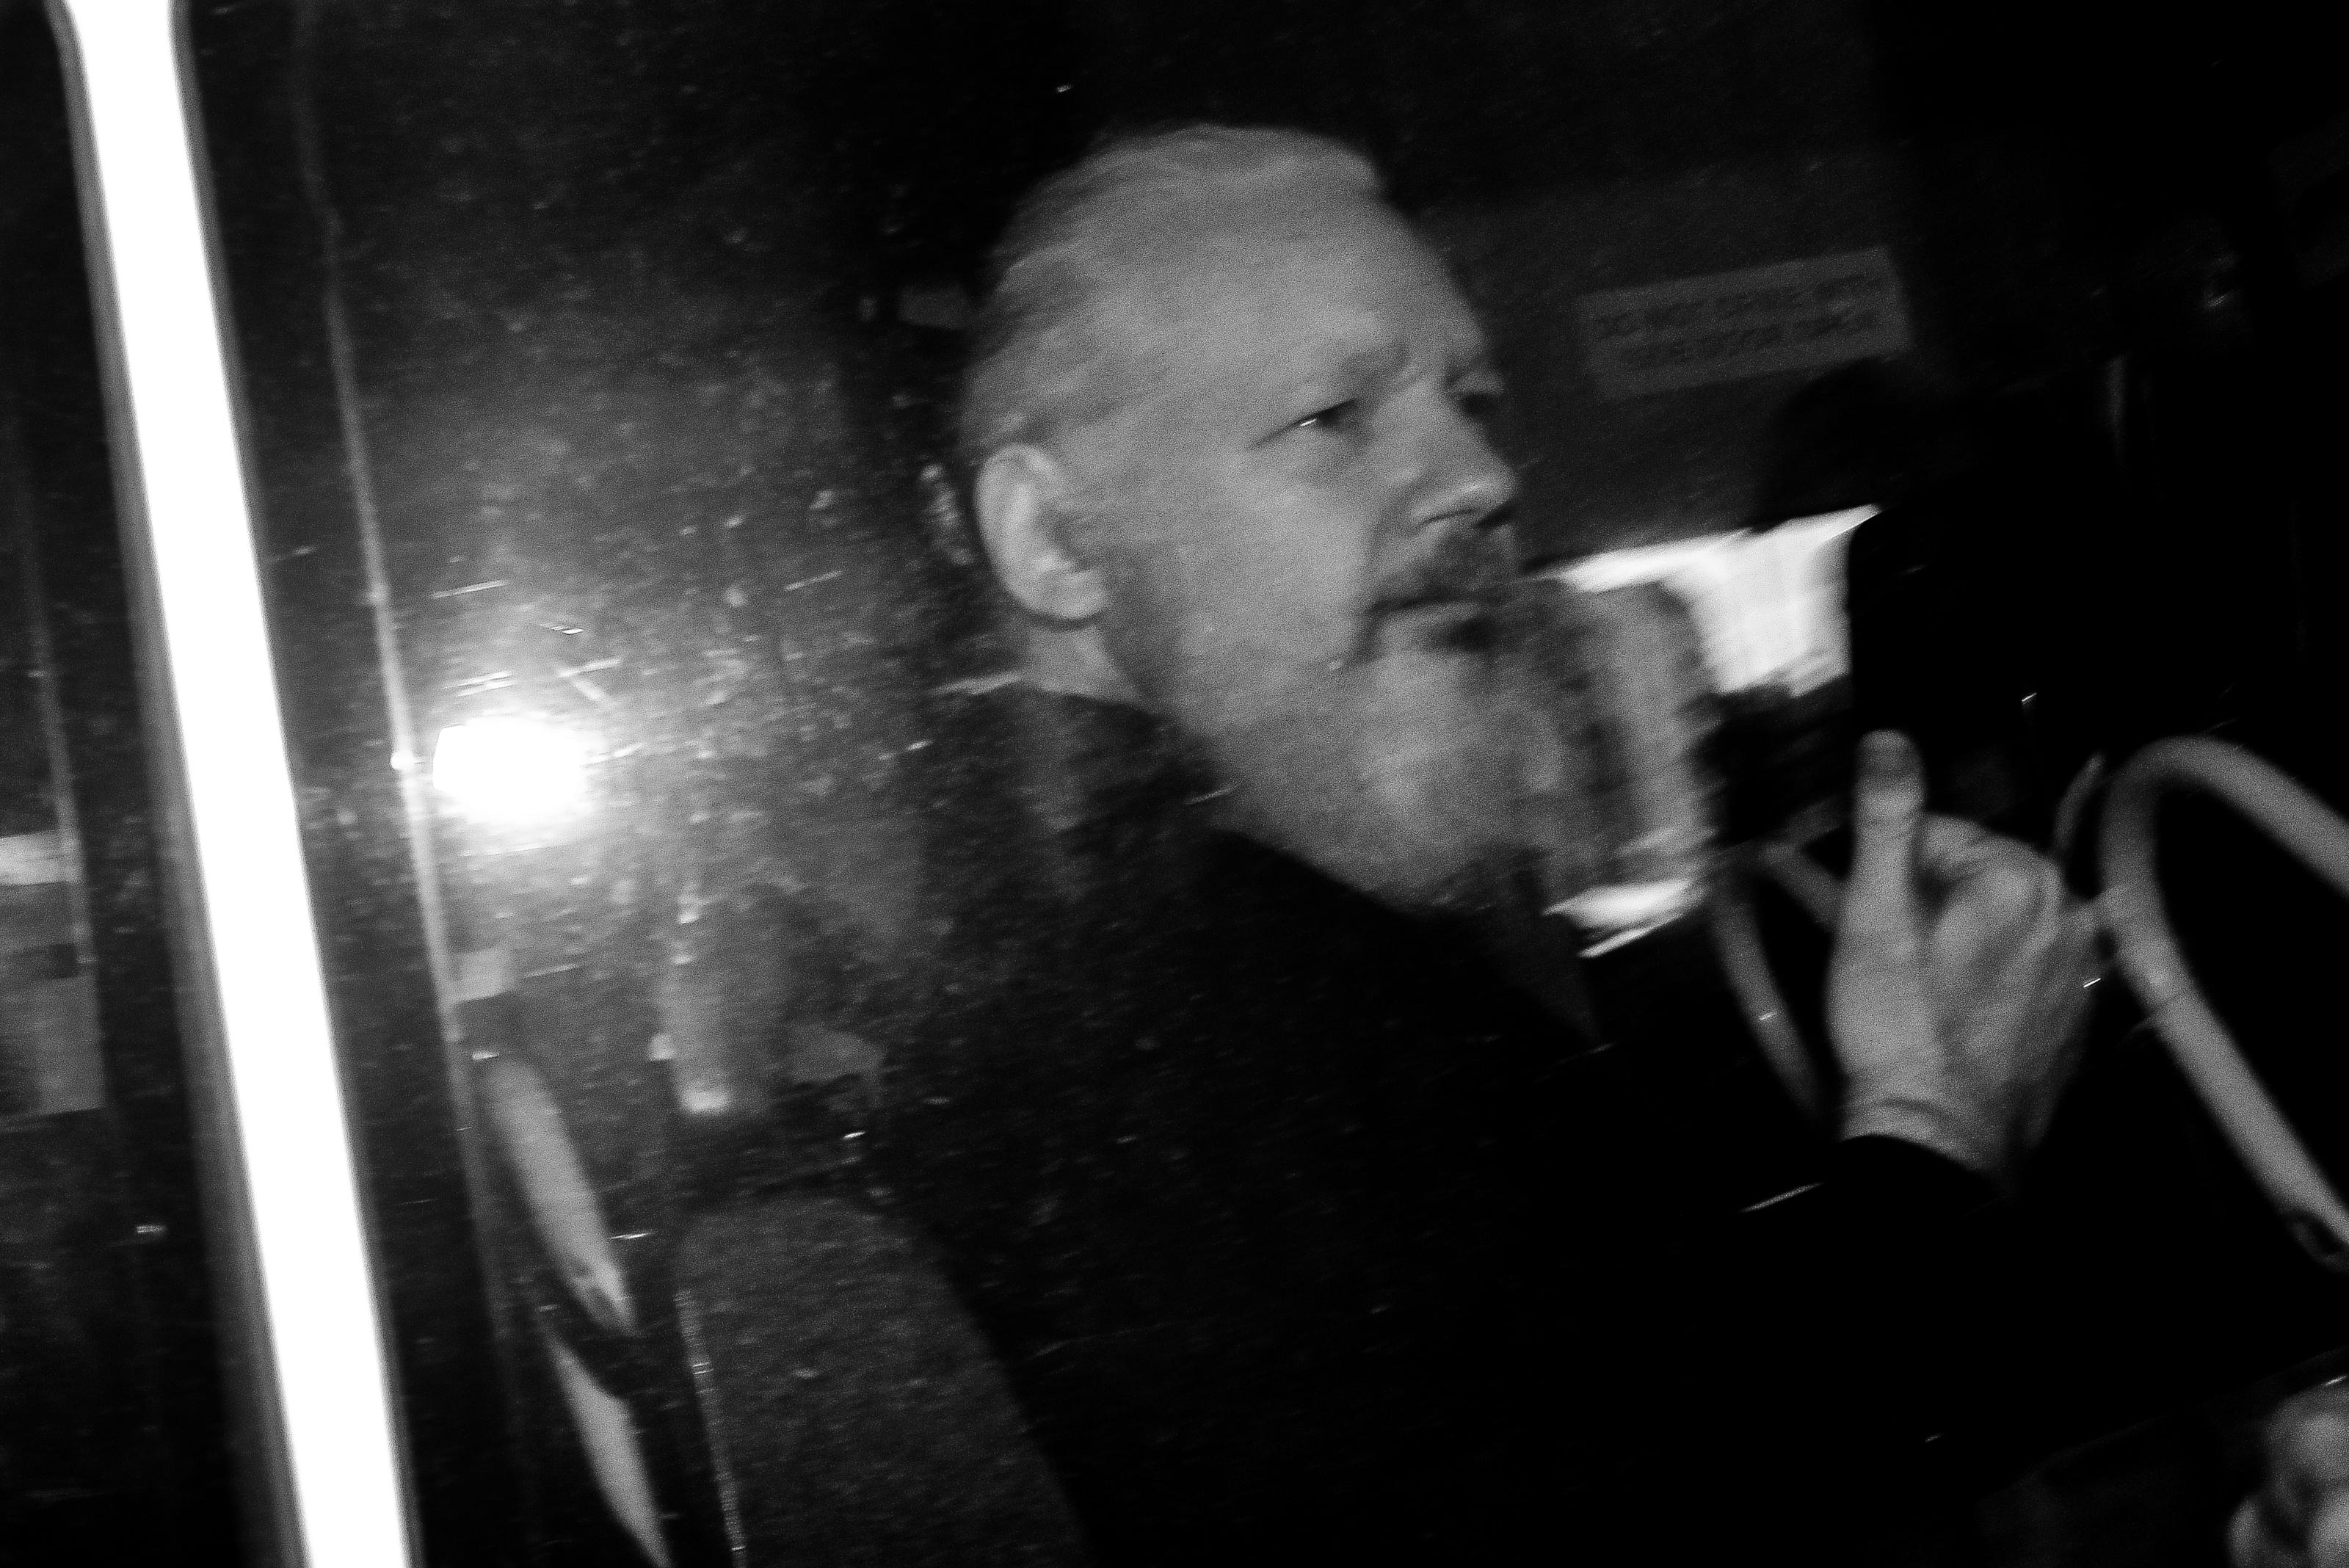 Két fia született Julian Assange-nak az ecuadori nagykövetségen töltött évek alatt